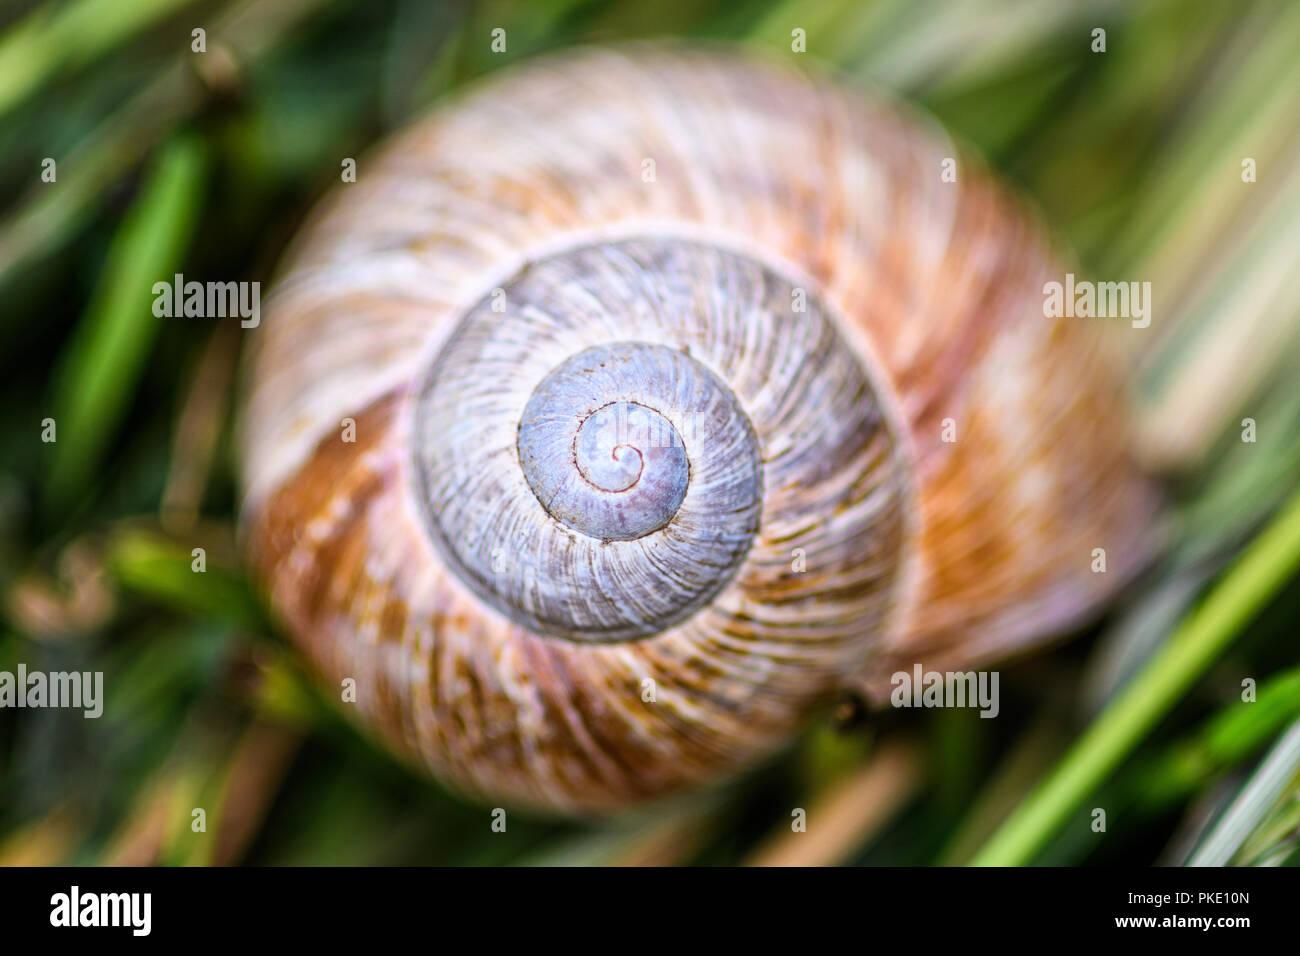 Snail Gehäuse im Gras Stockbild